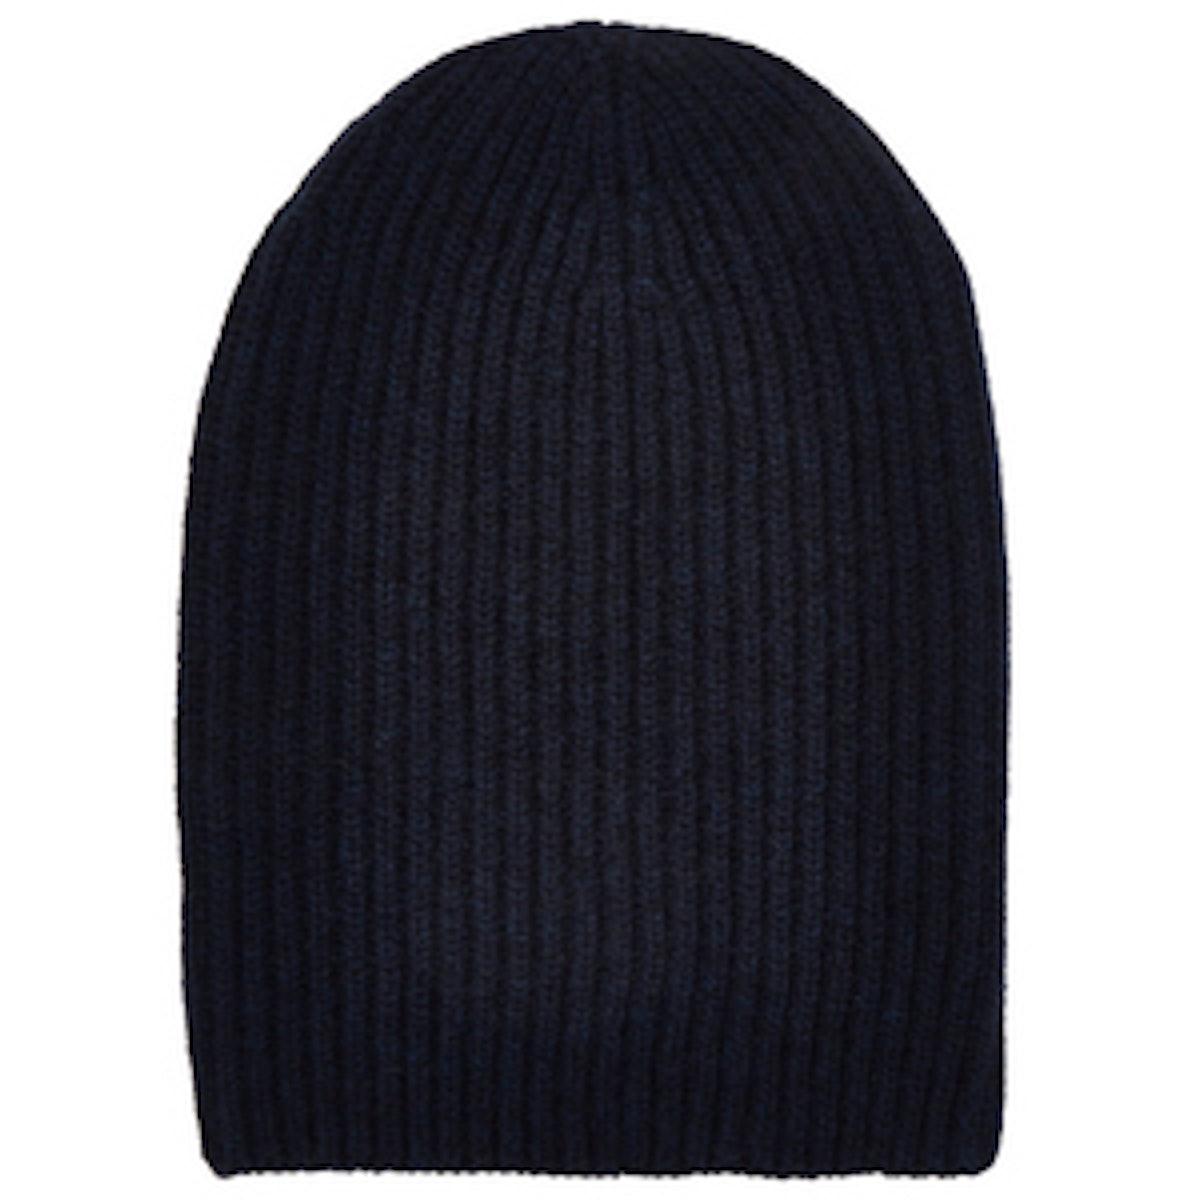 English Rib-Knit Beanie